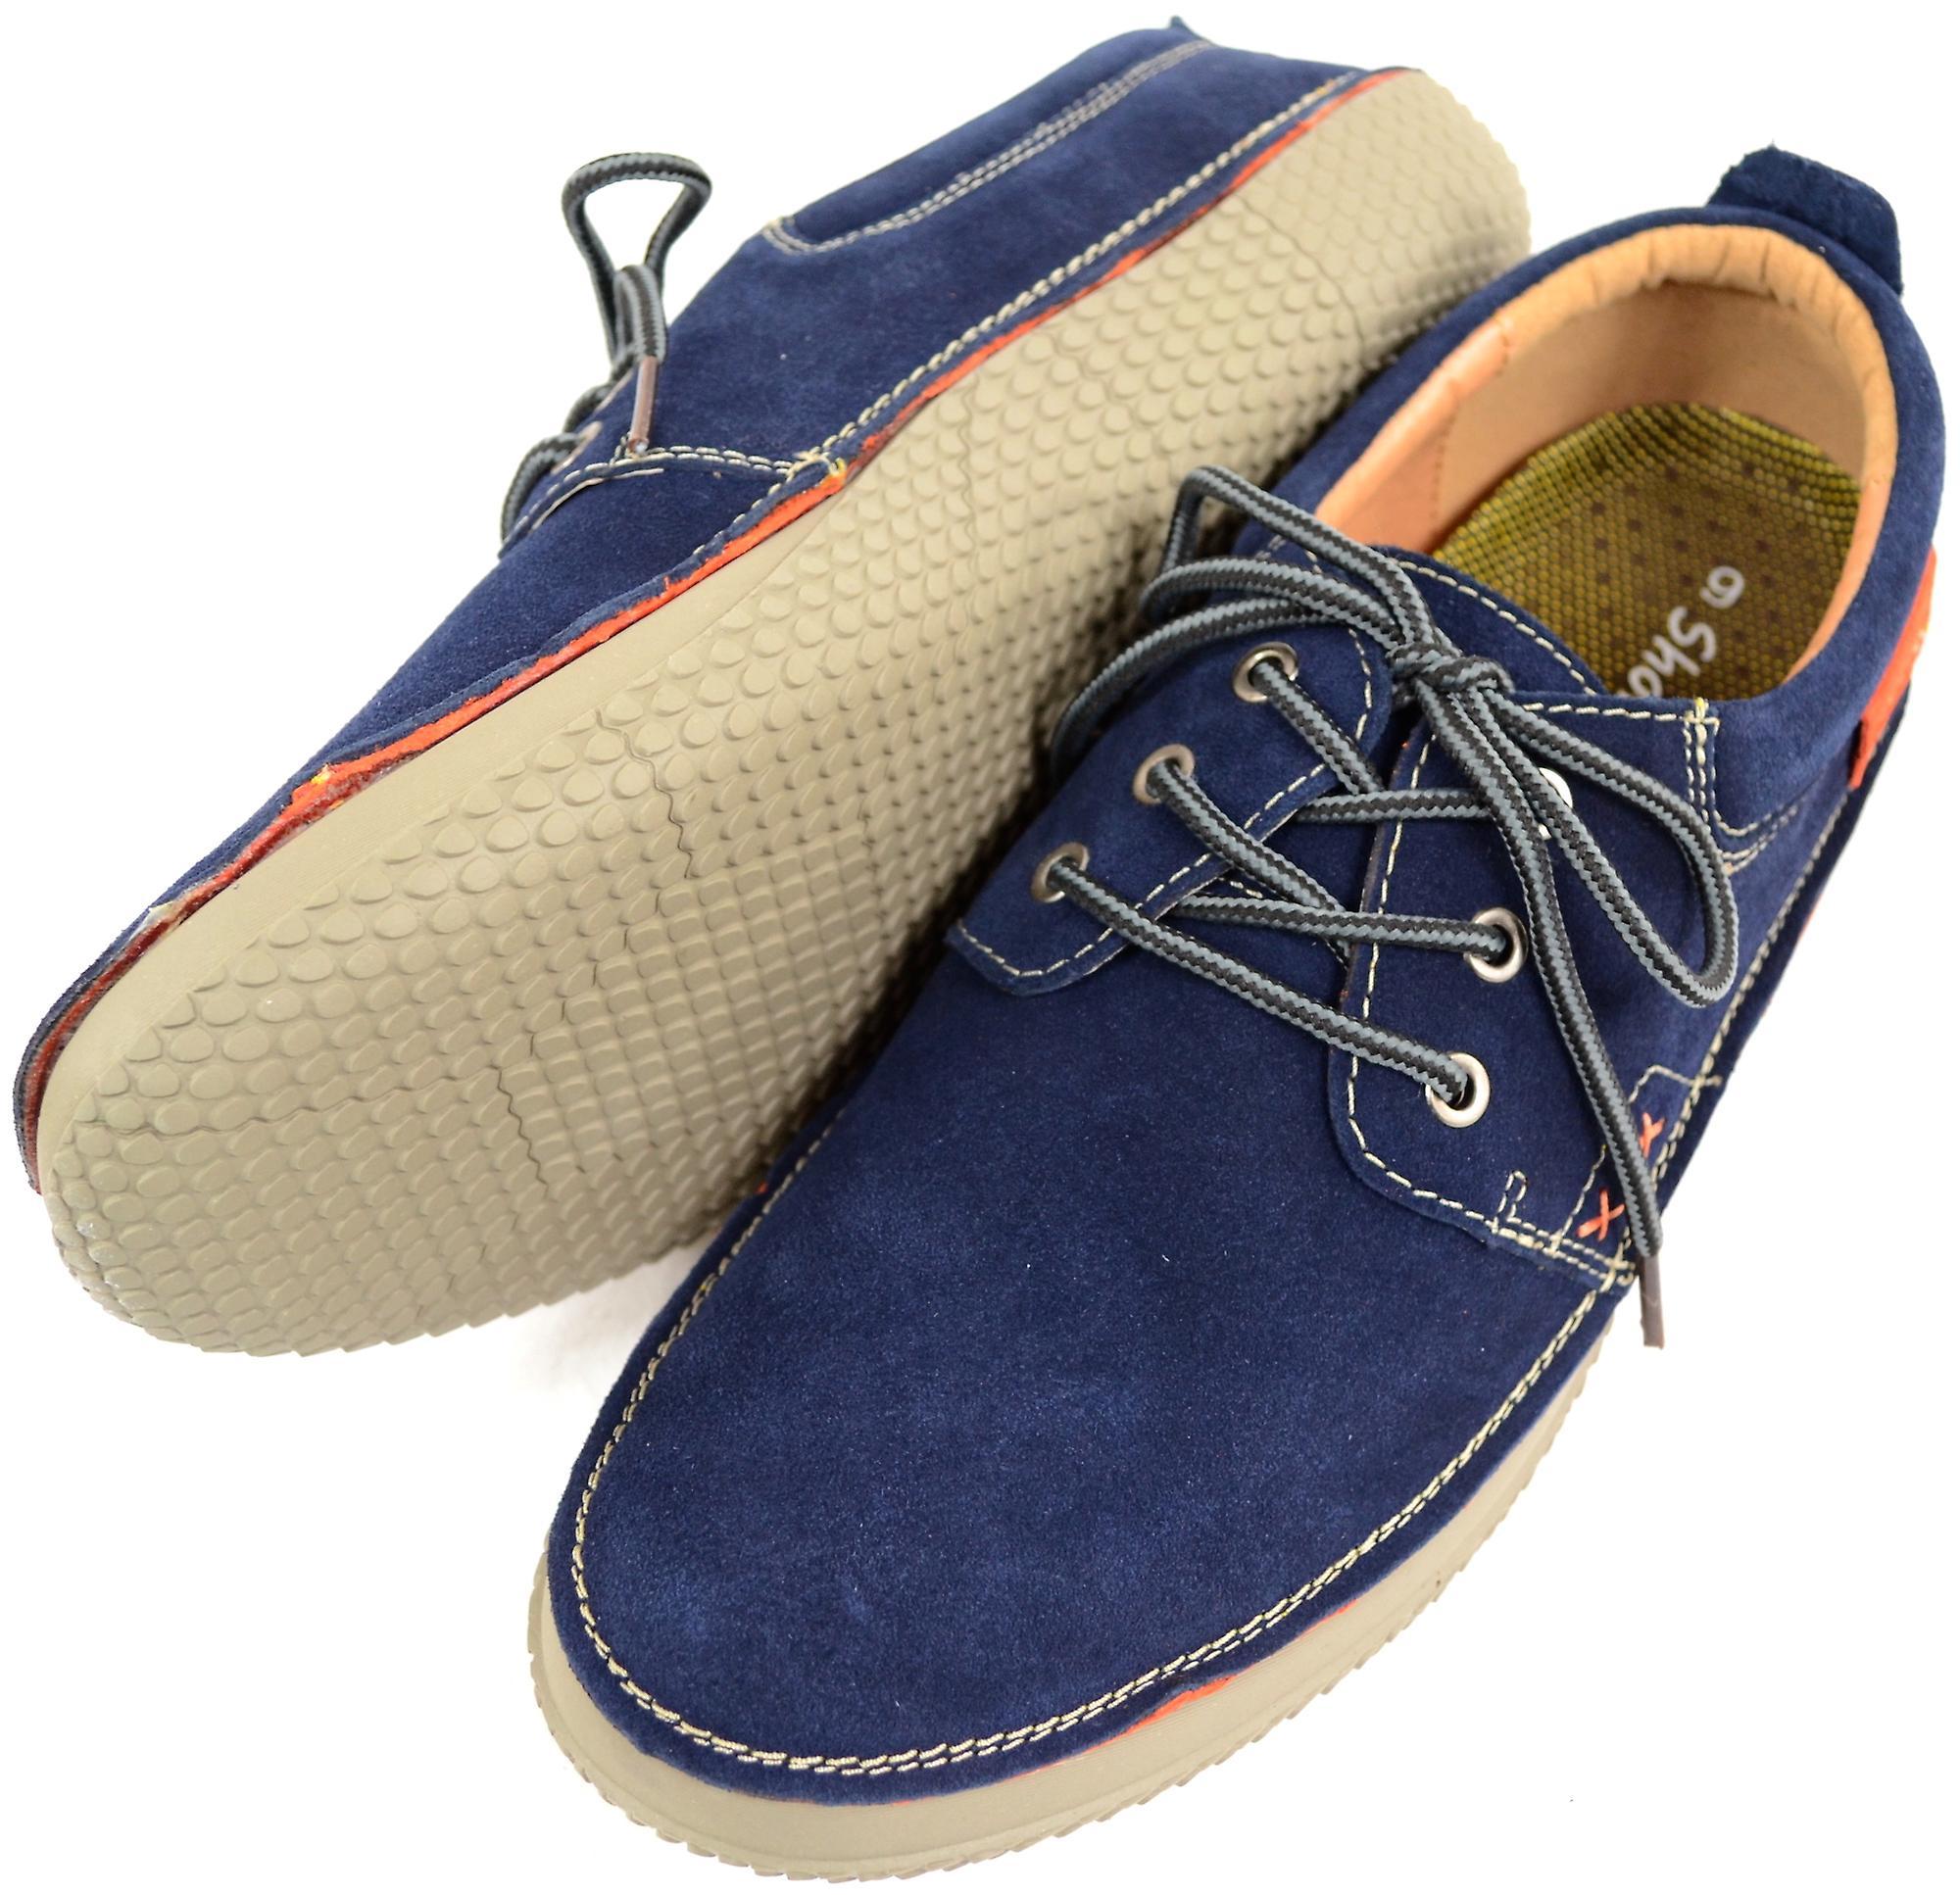 Uomo vera pelle camoscio estate / vacanza in barca / Deck Shoes - Navy - UK 12